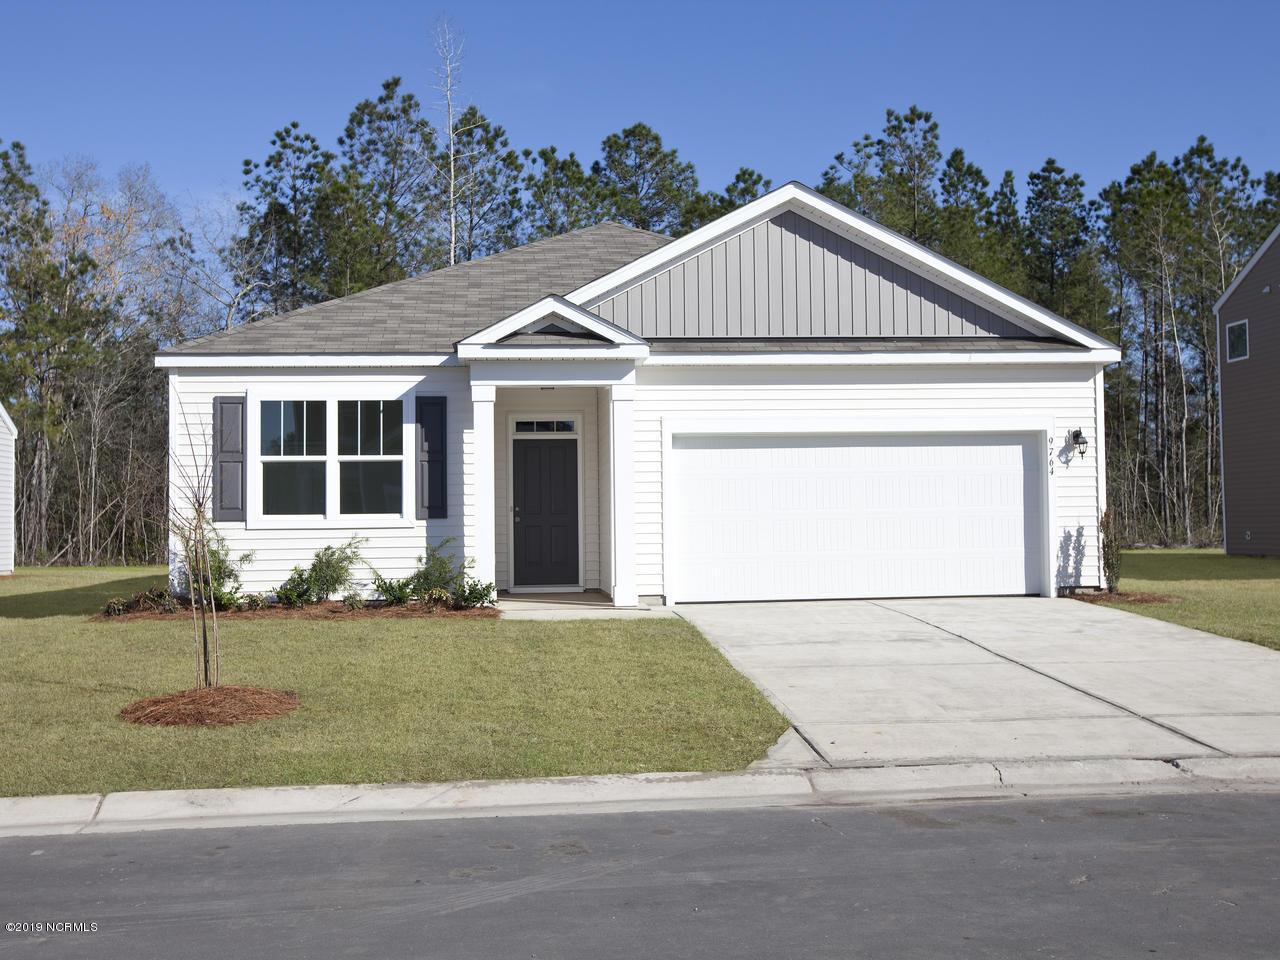 724 Seathwaite Lane #Lot 1234 Leland, NC 28451